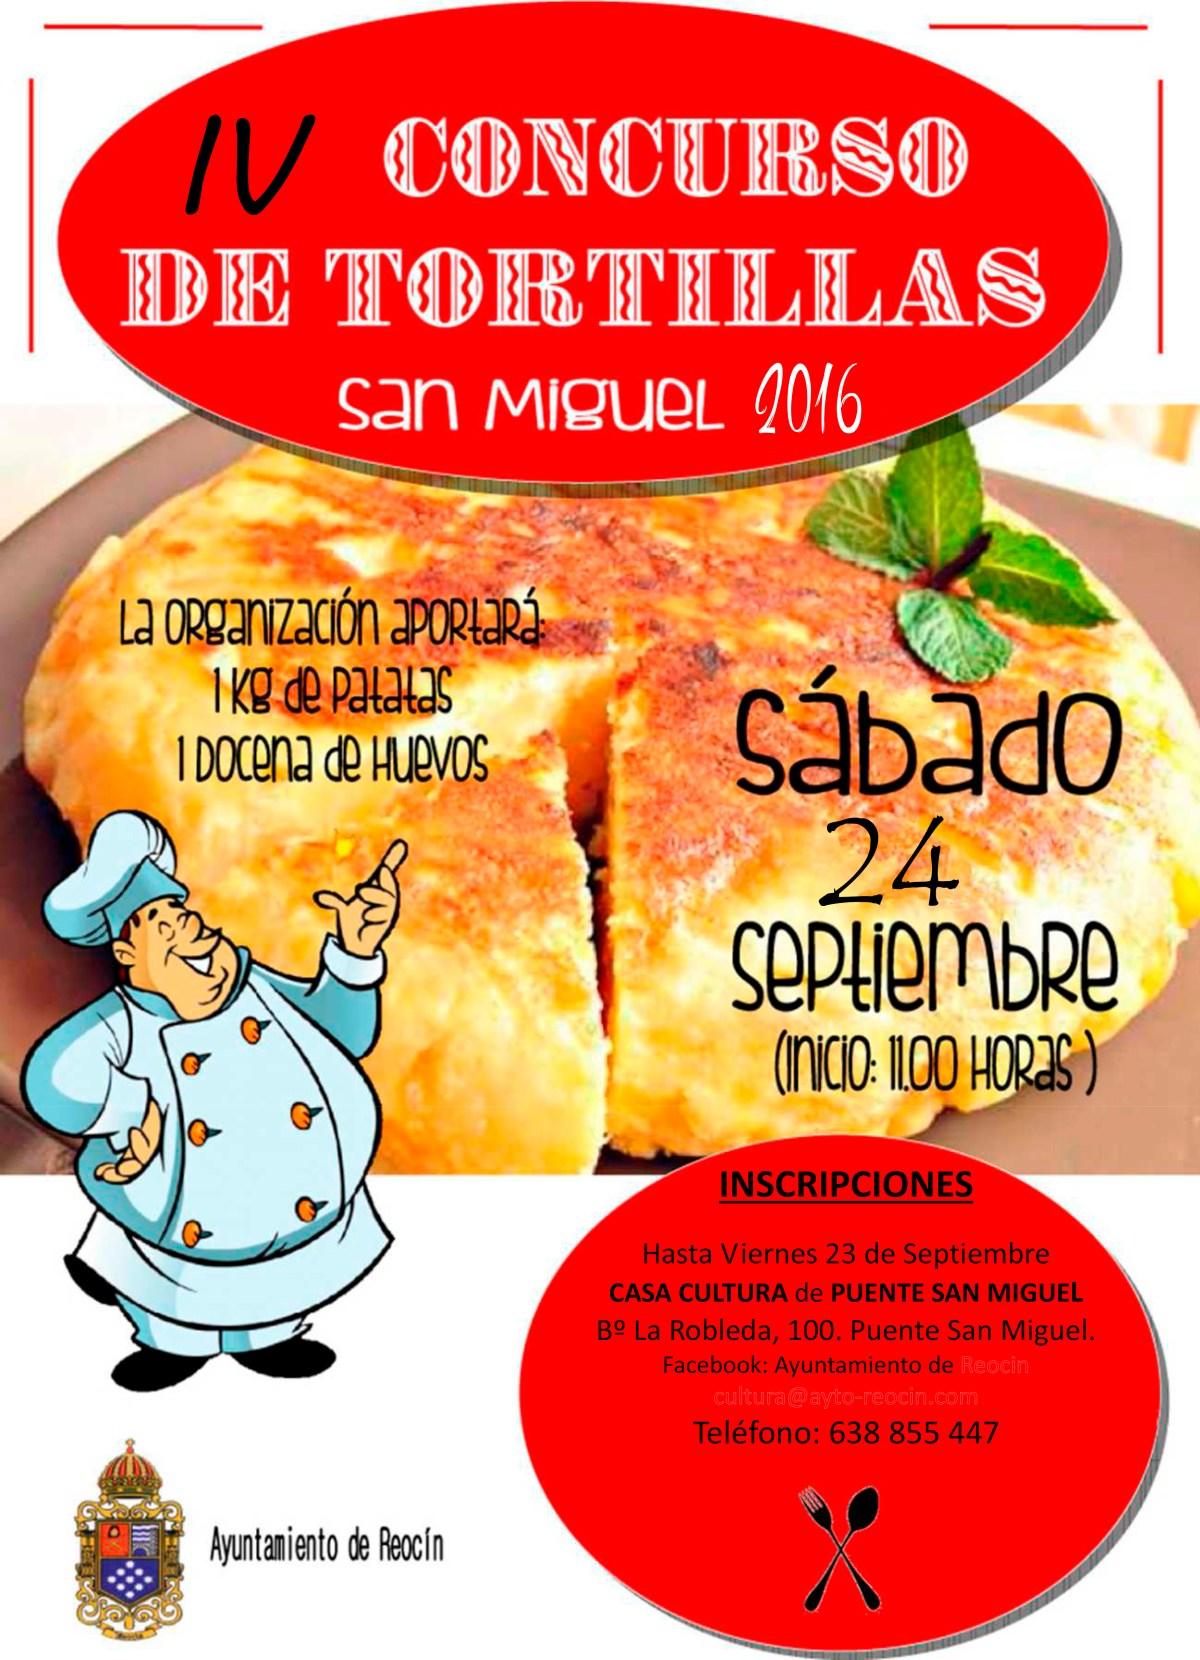 CARTEL 4 CONCURSO TORTILLAS.jpg